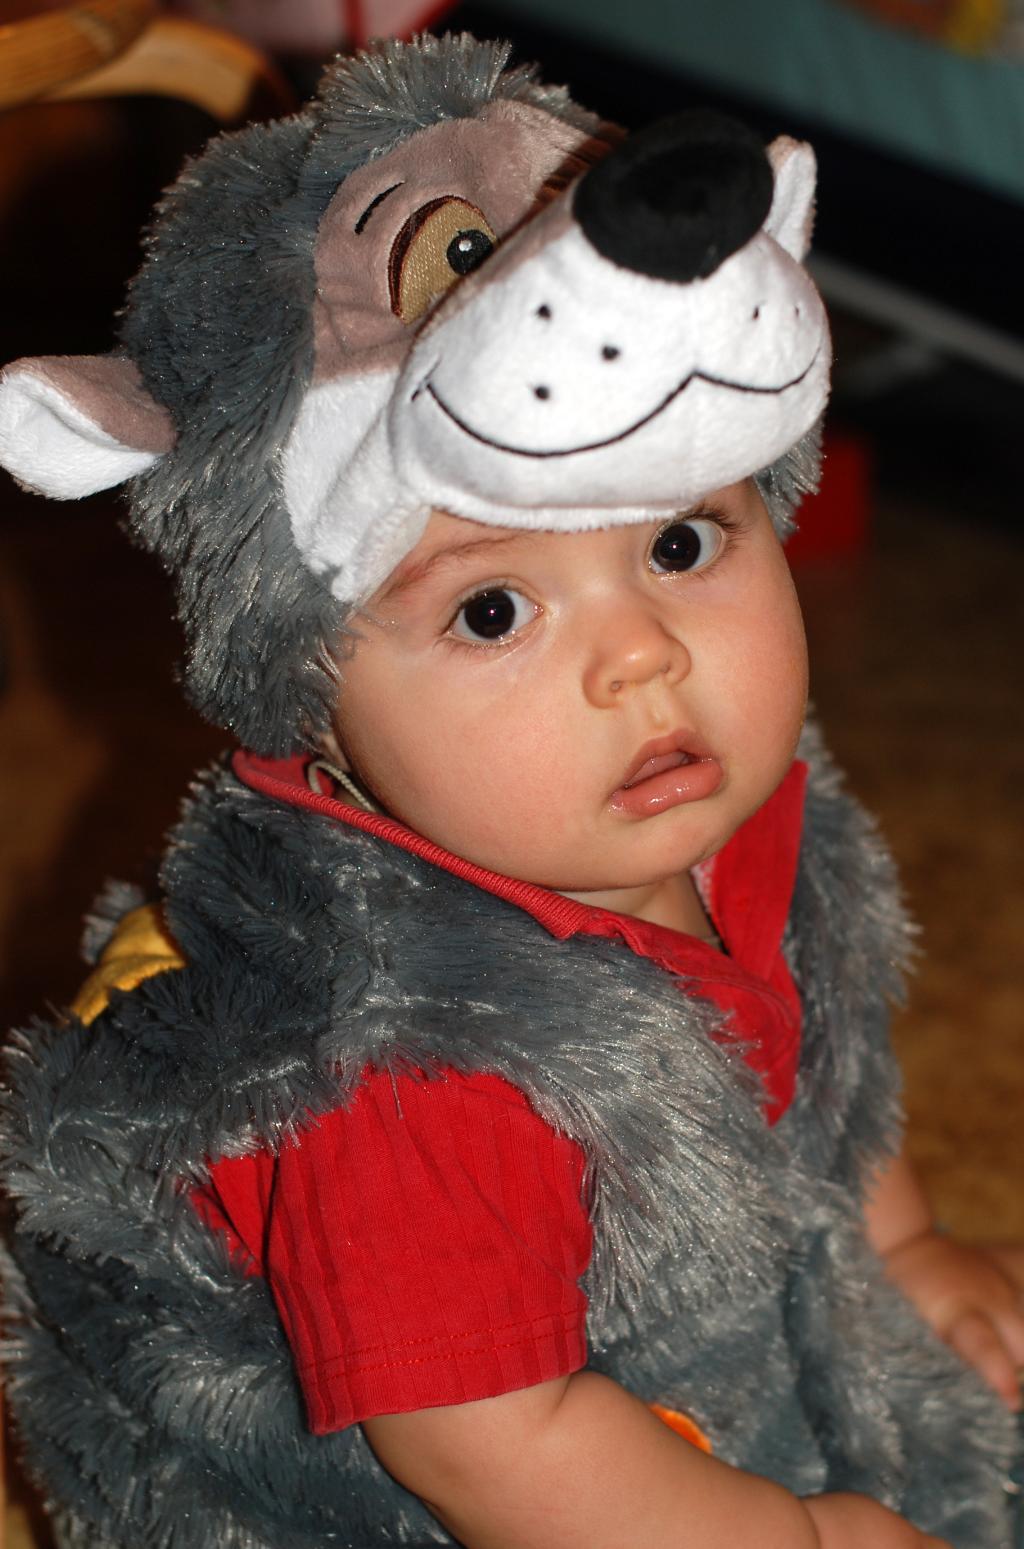 'Ёжик - самый пушистый в мире зверь!'. Новогодний карнавал